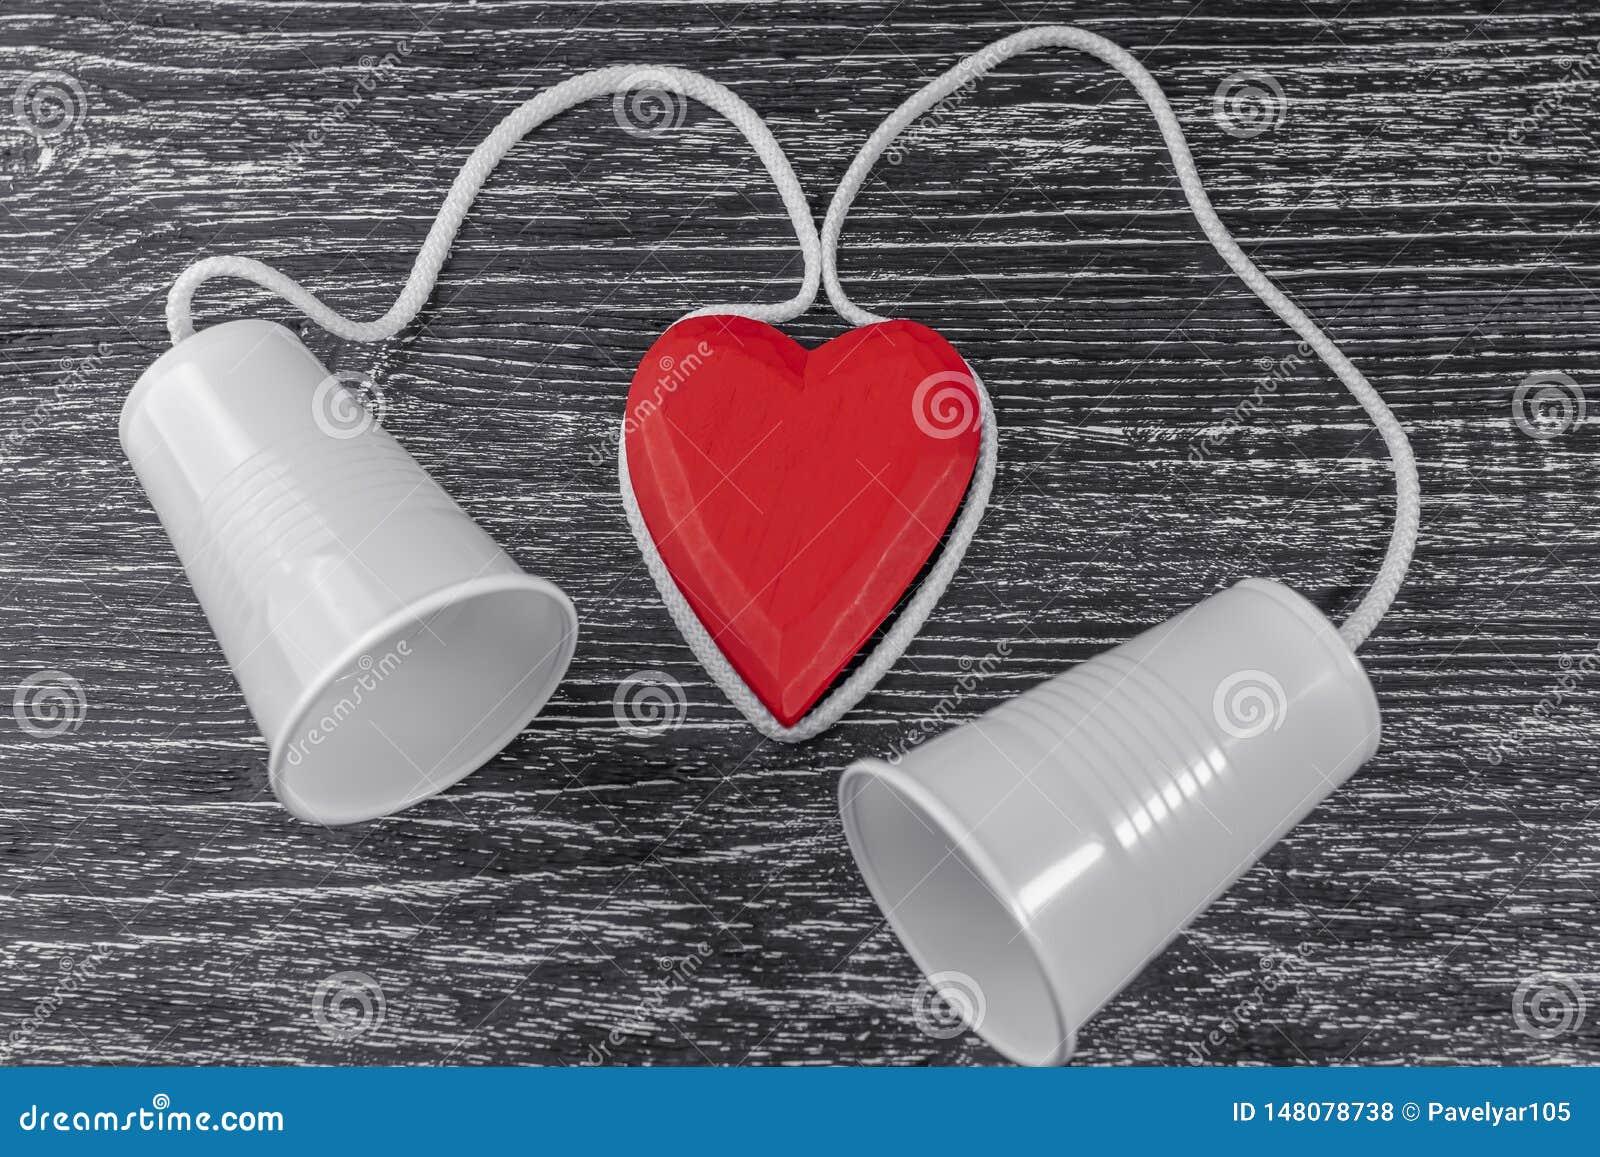 De telefoon wordt gemaakt van witte plastic koppen en een witte kabel gelegd rond een rood houten hart